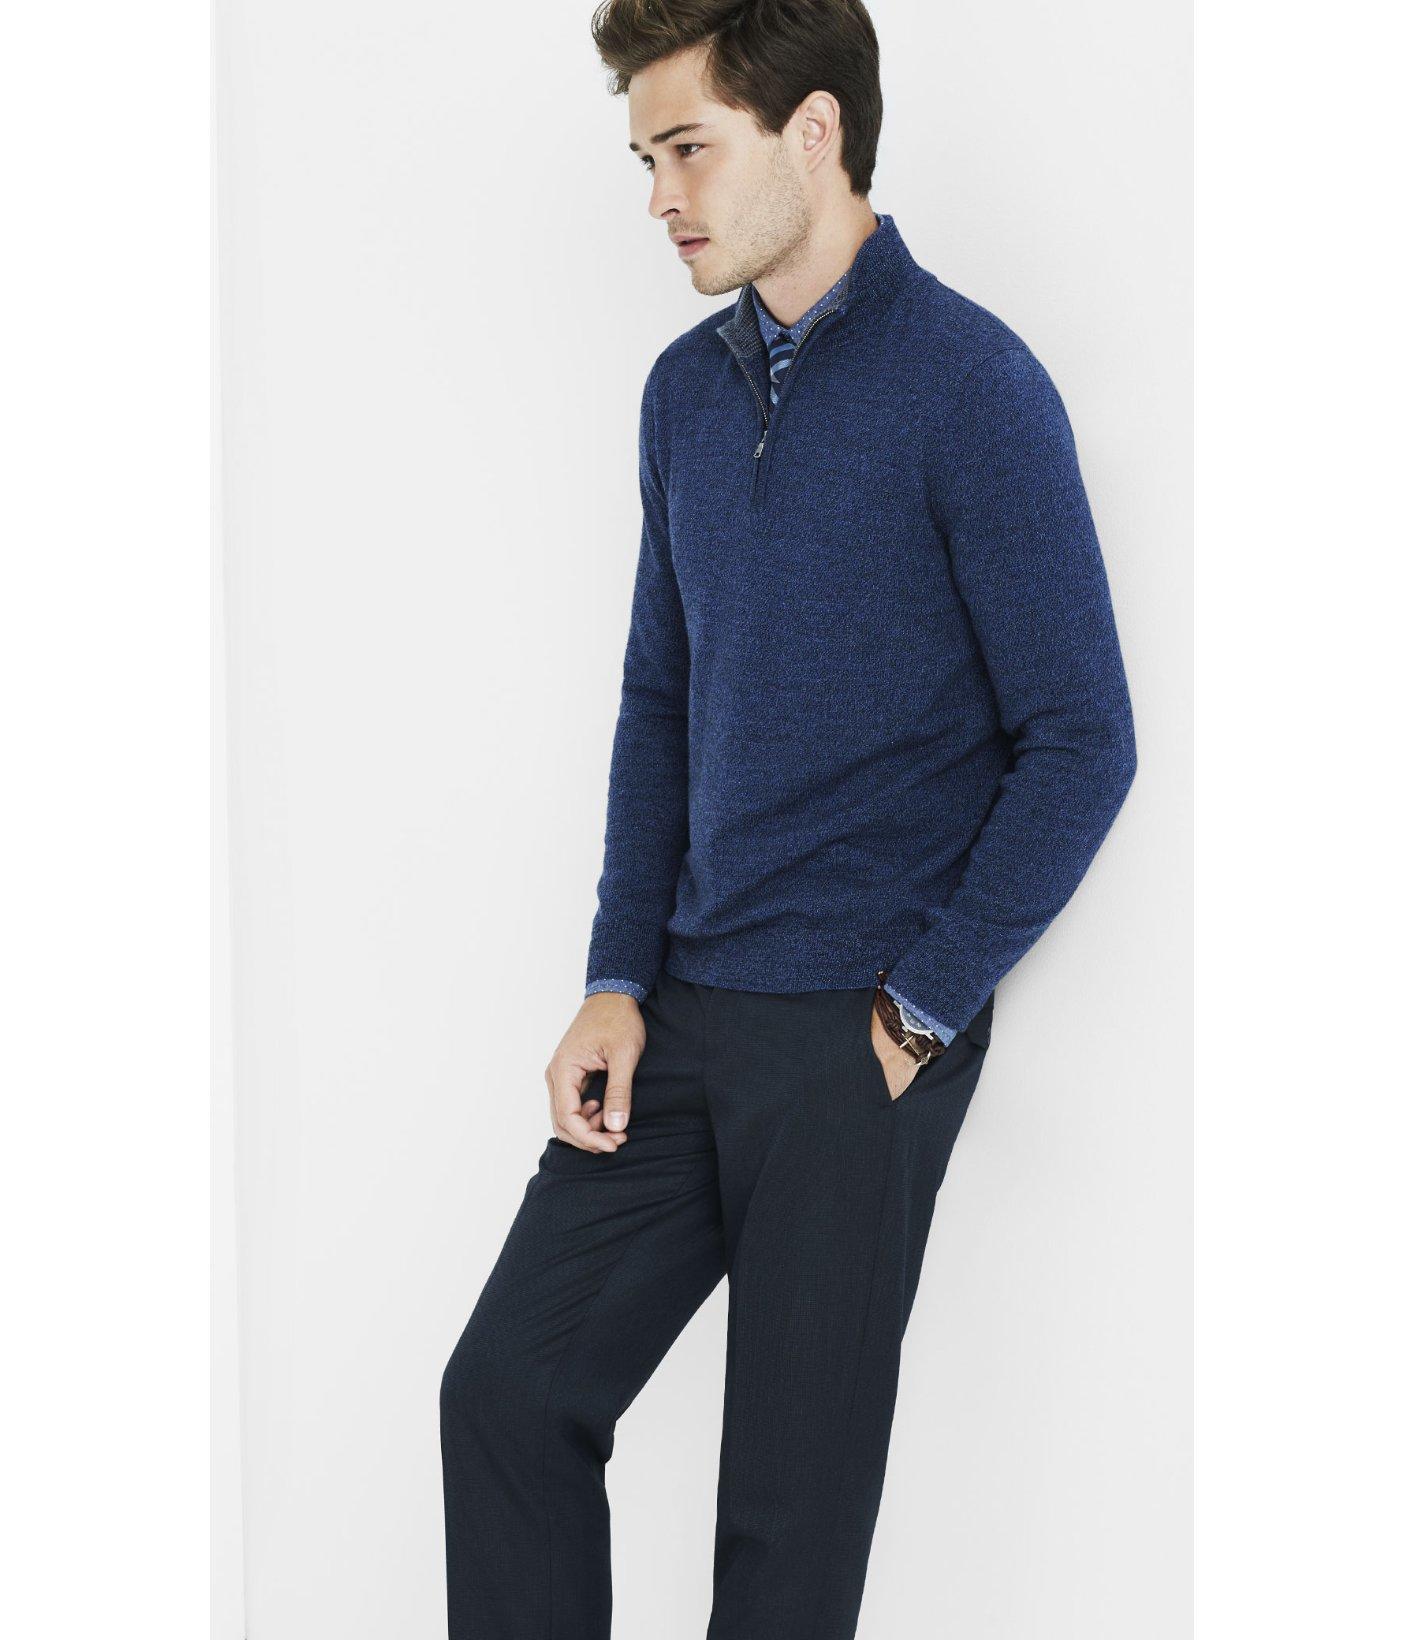 Merino Wool Zip Up Mock Neck Sweater 4